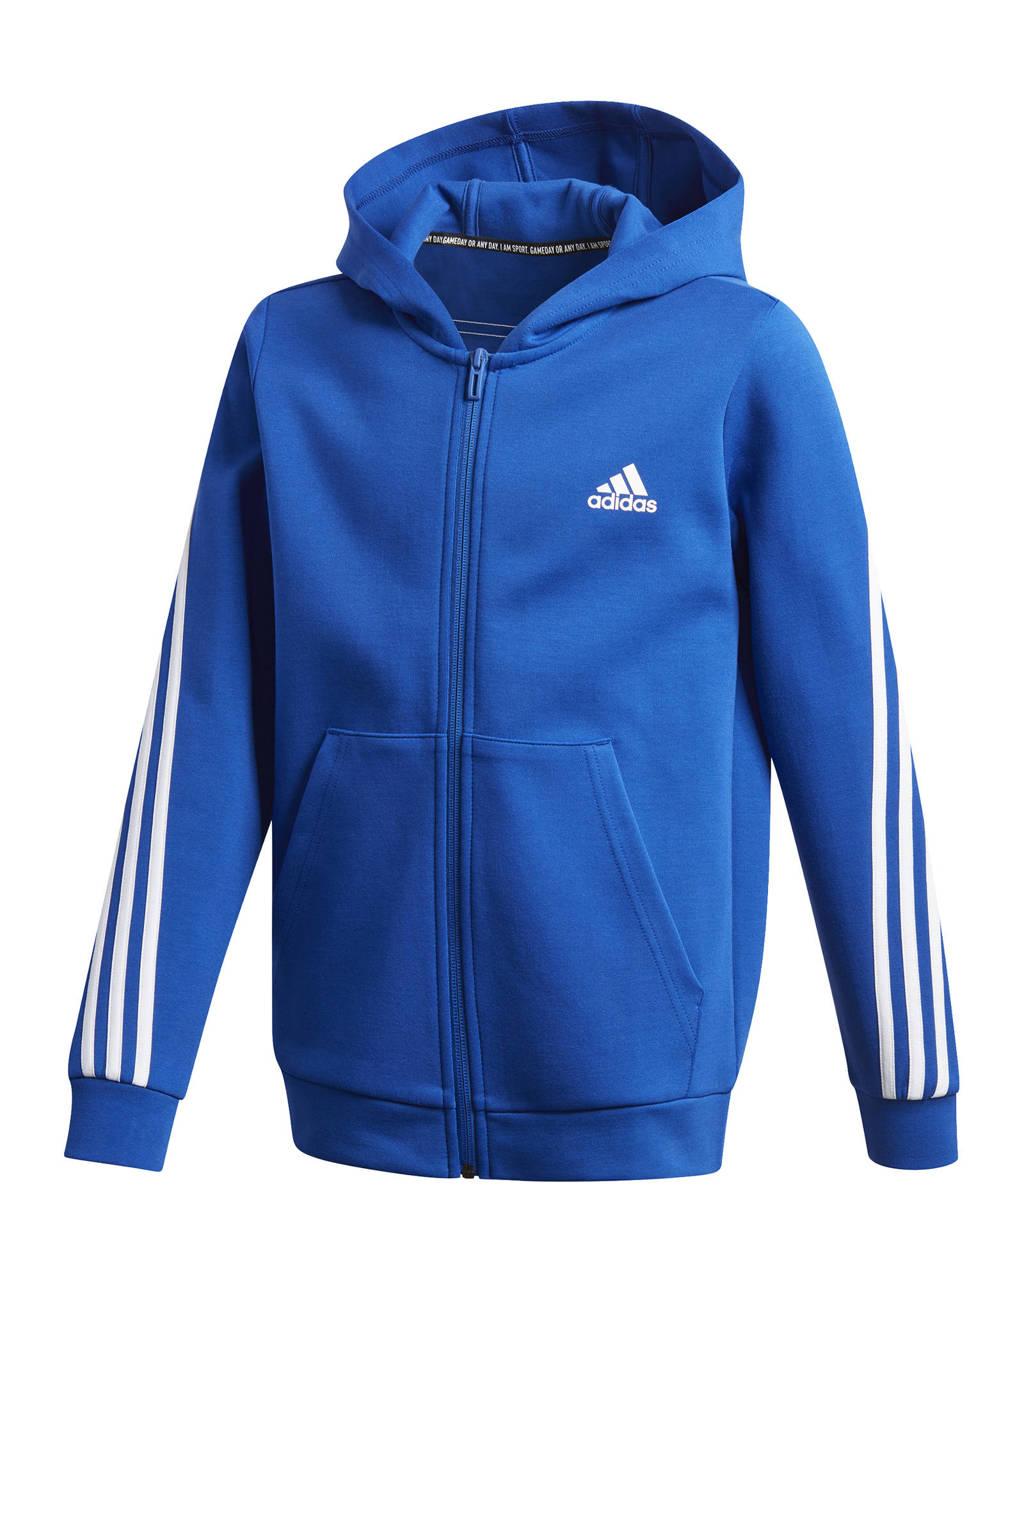 adidas Performance   sportvest kobaltblauw/wit, Kobaltblauw/wit